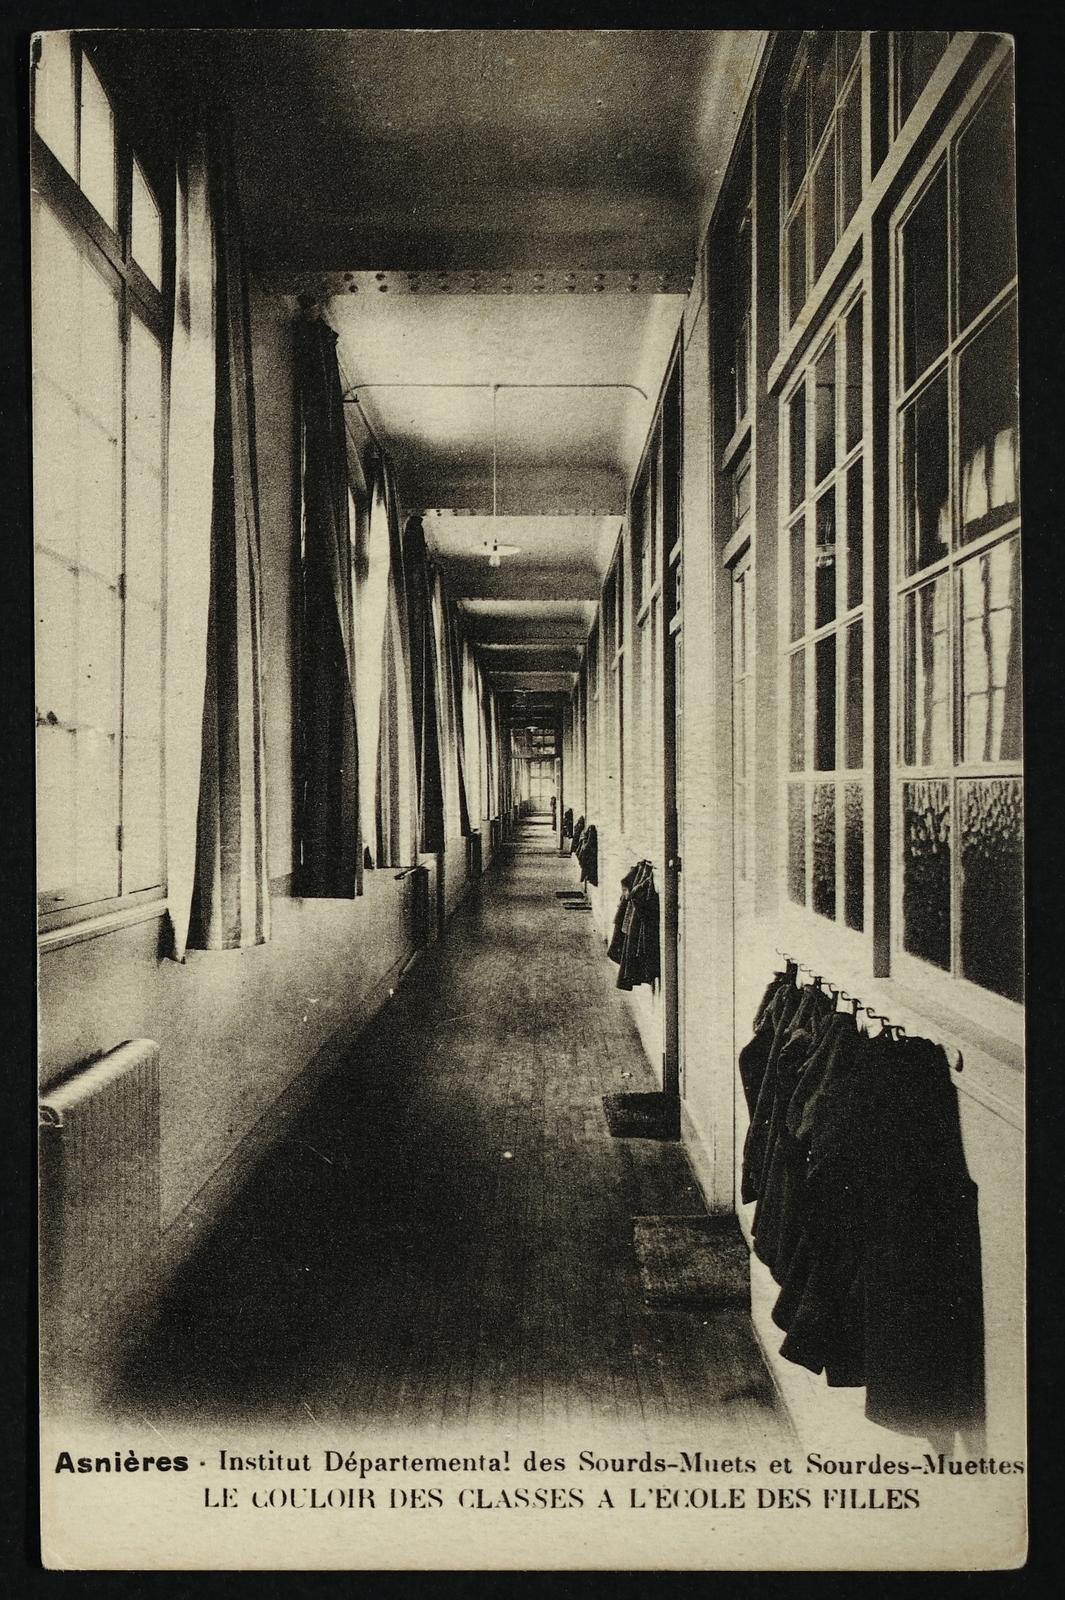 Asnières-sur-Seine - Institut  Départemental des Sourds-Muets  et Sourdes-Muettes - Le couloir des classes à l'école des filles